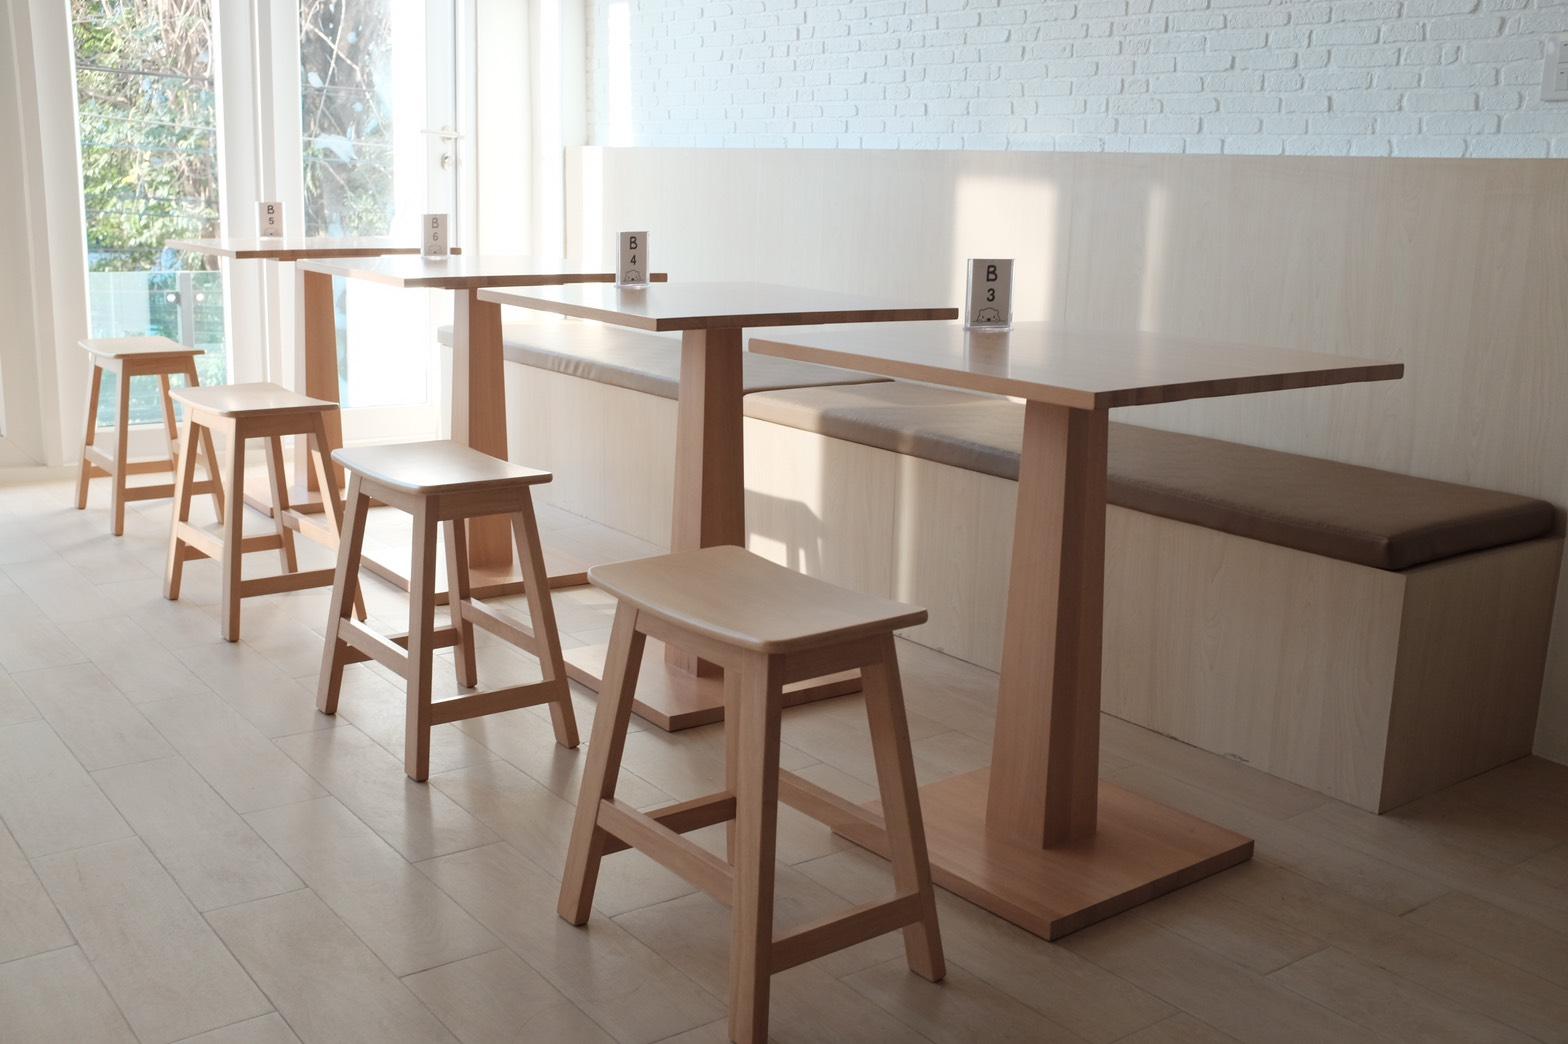 โต๊ะกาแฟดีไซน์ฐานไม้ สำหรับร้านกาแฟ ร้านเบเกอรี่